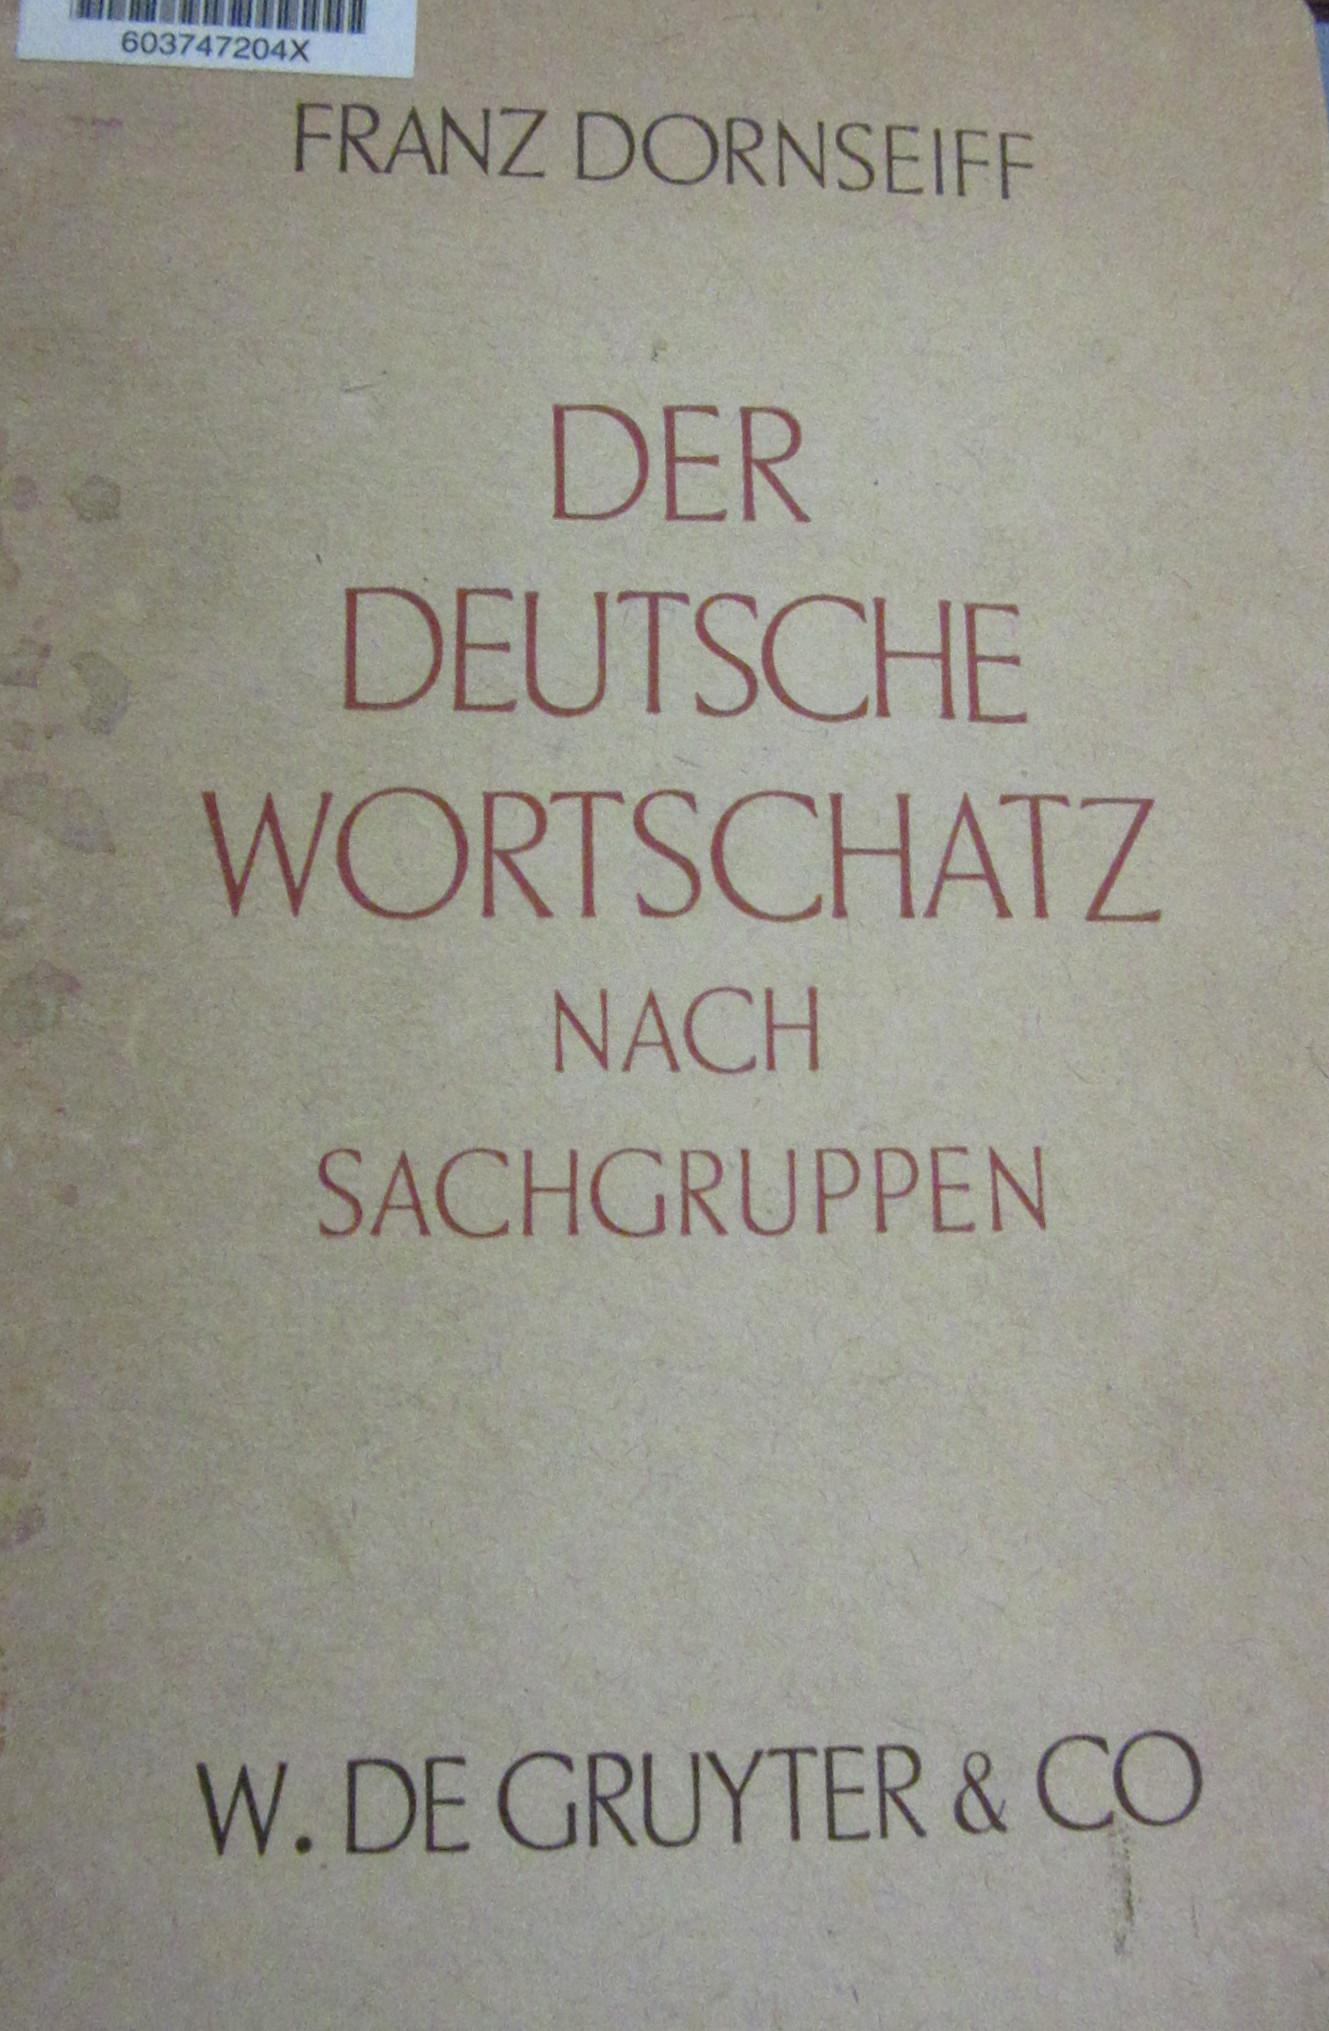 Dornseiff, Franz, and Alfred. Gerstenkorn. Der deutsche Wortschatz nach Sachgruppen. 3. Neubearb. Aufl. ed. Berlin: W. De Gruyter &, 1943.